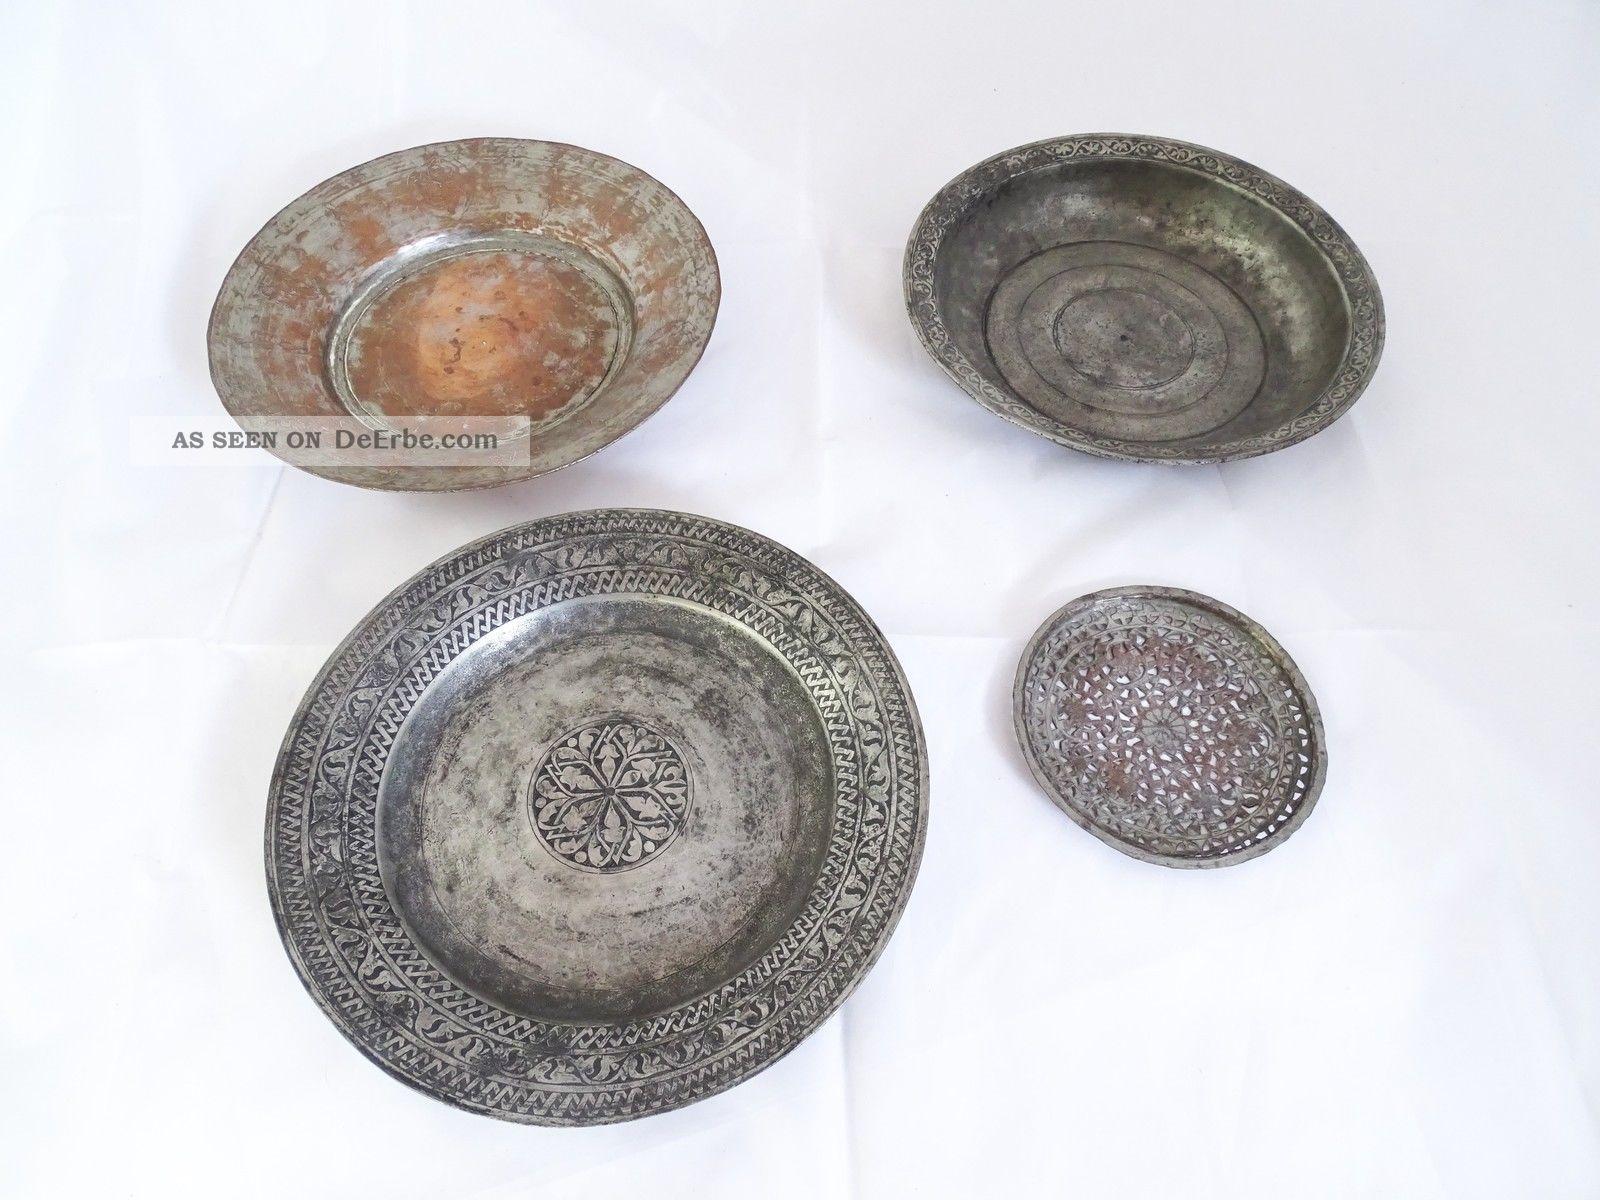 Konvolut 4 Orientlischer Antiker Teller Herrlich Verziert Metall Islamische Kunst Bild